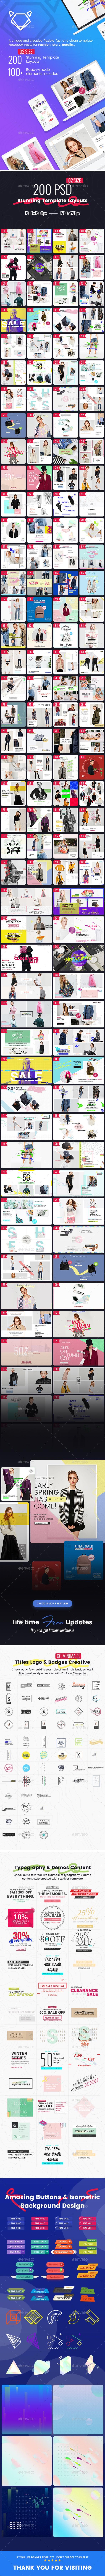 GraphicRiver FoxRiver Fashion Facebook Post 20871292